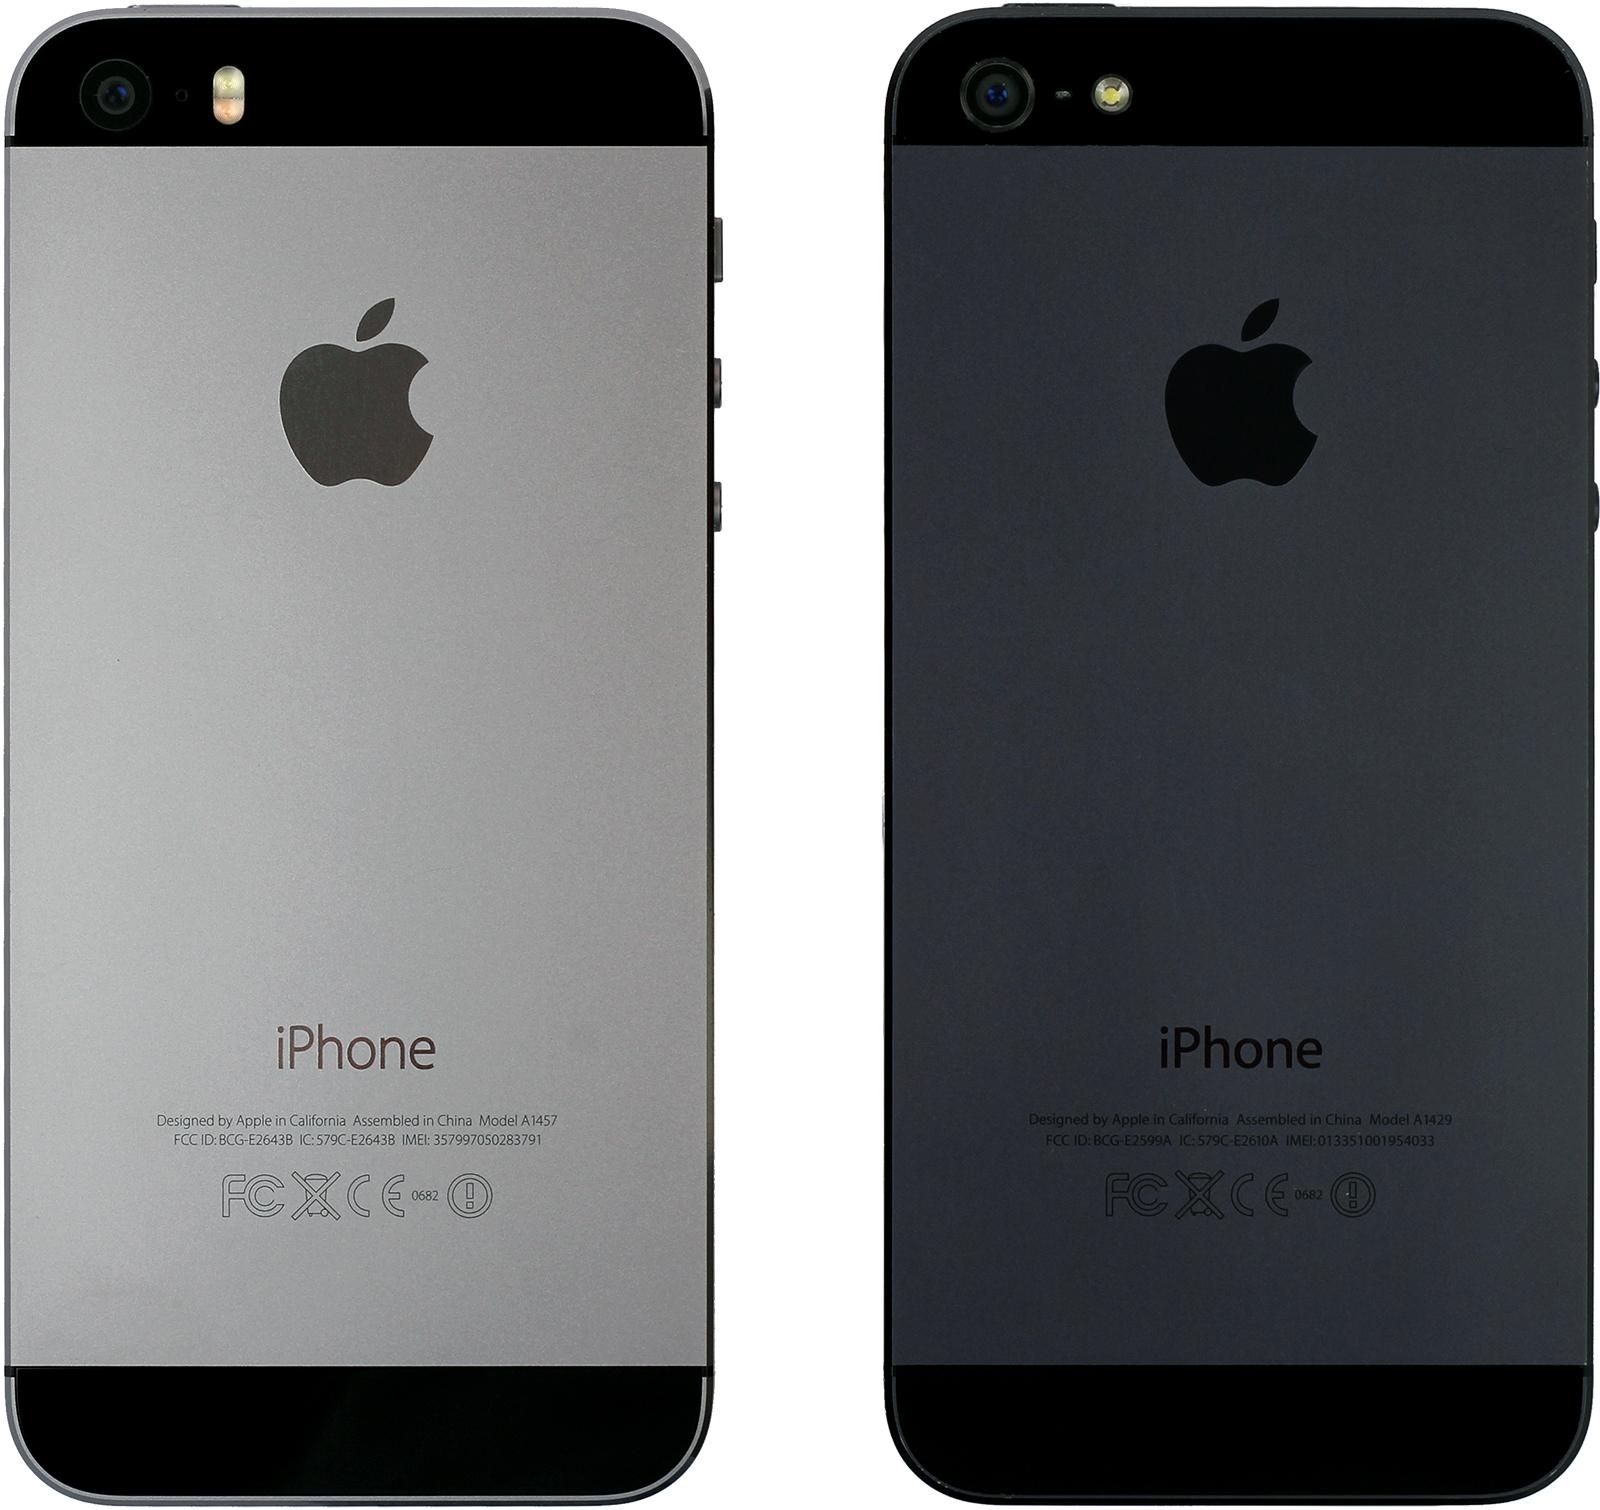 фотки айфона 5s